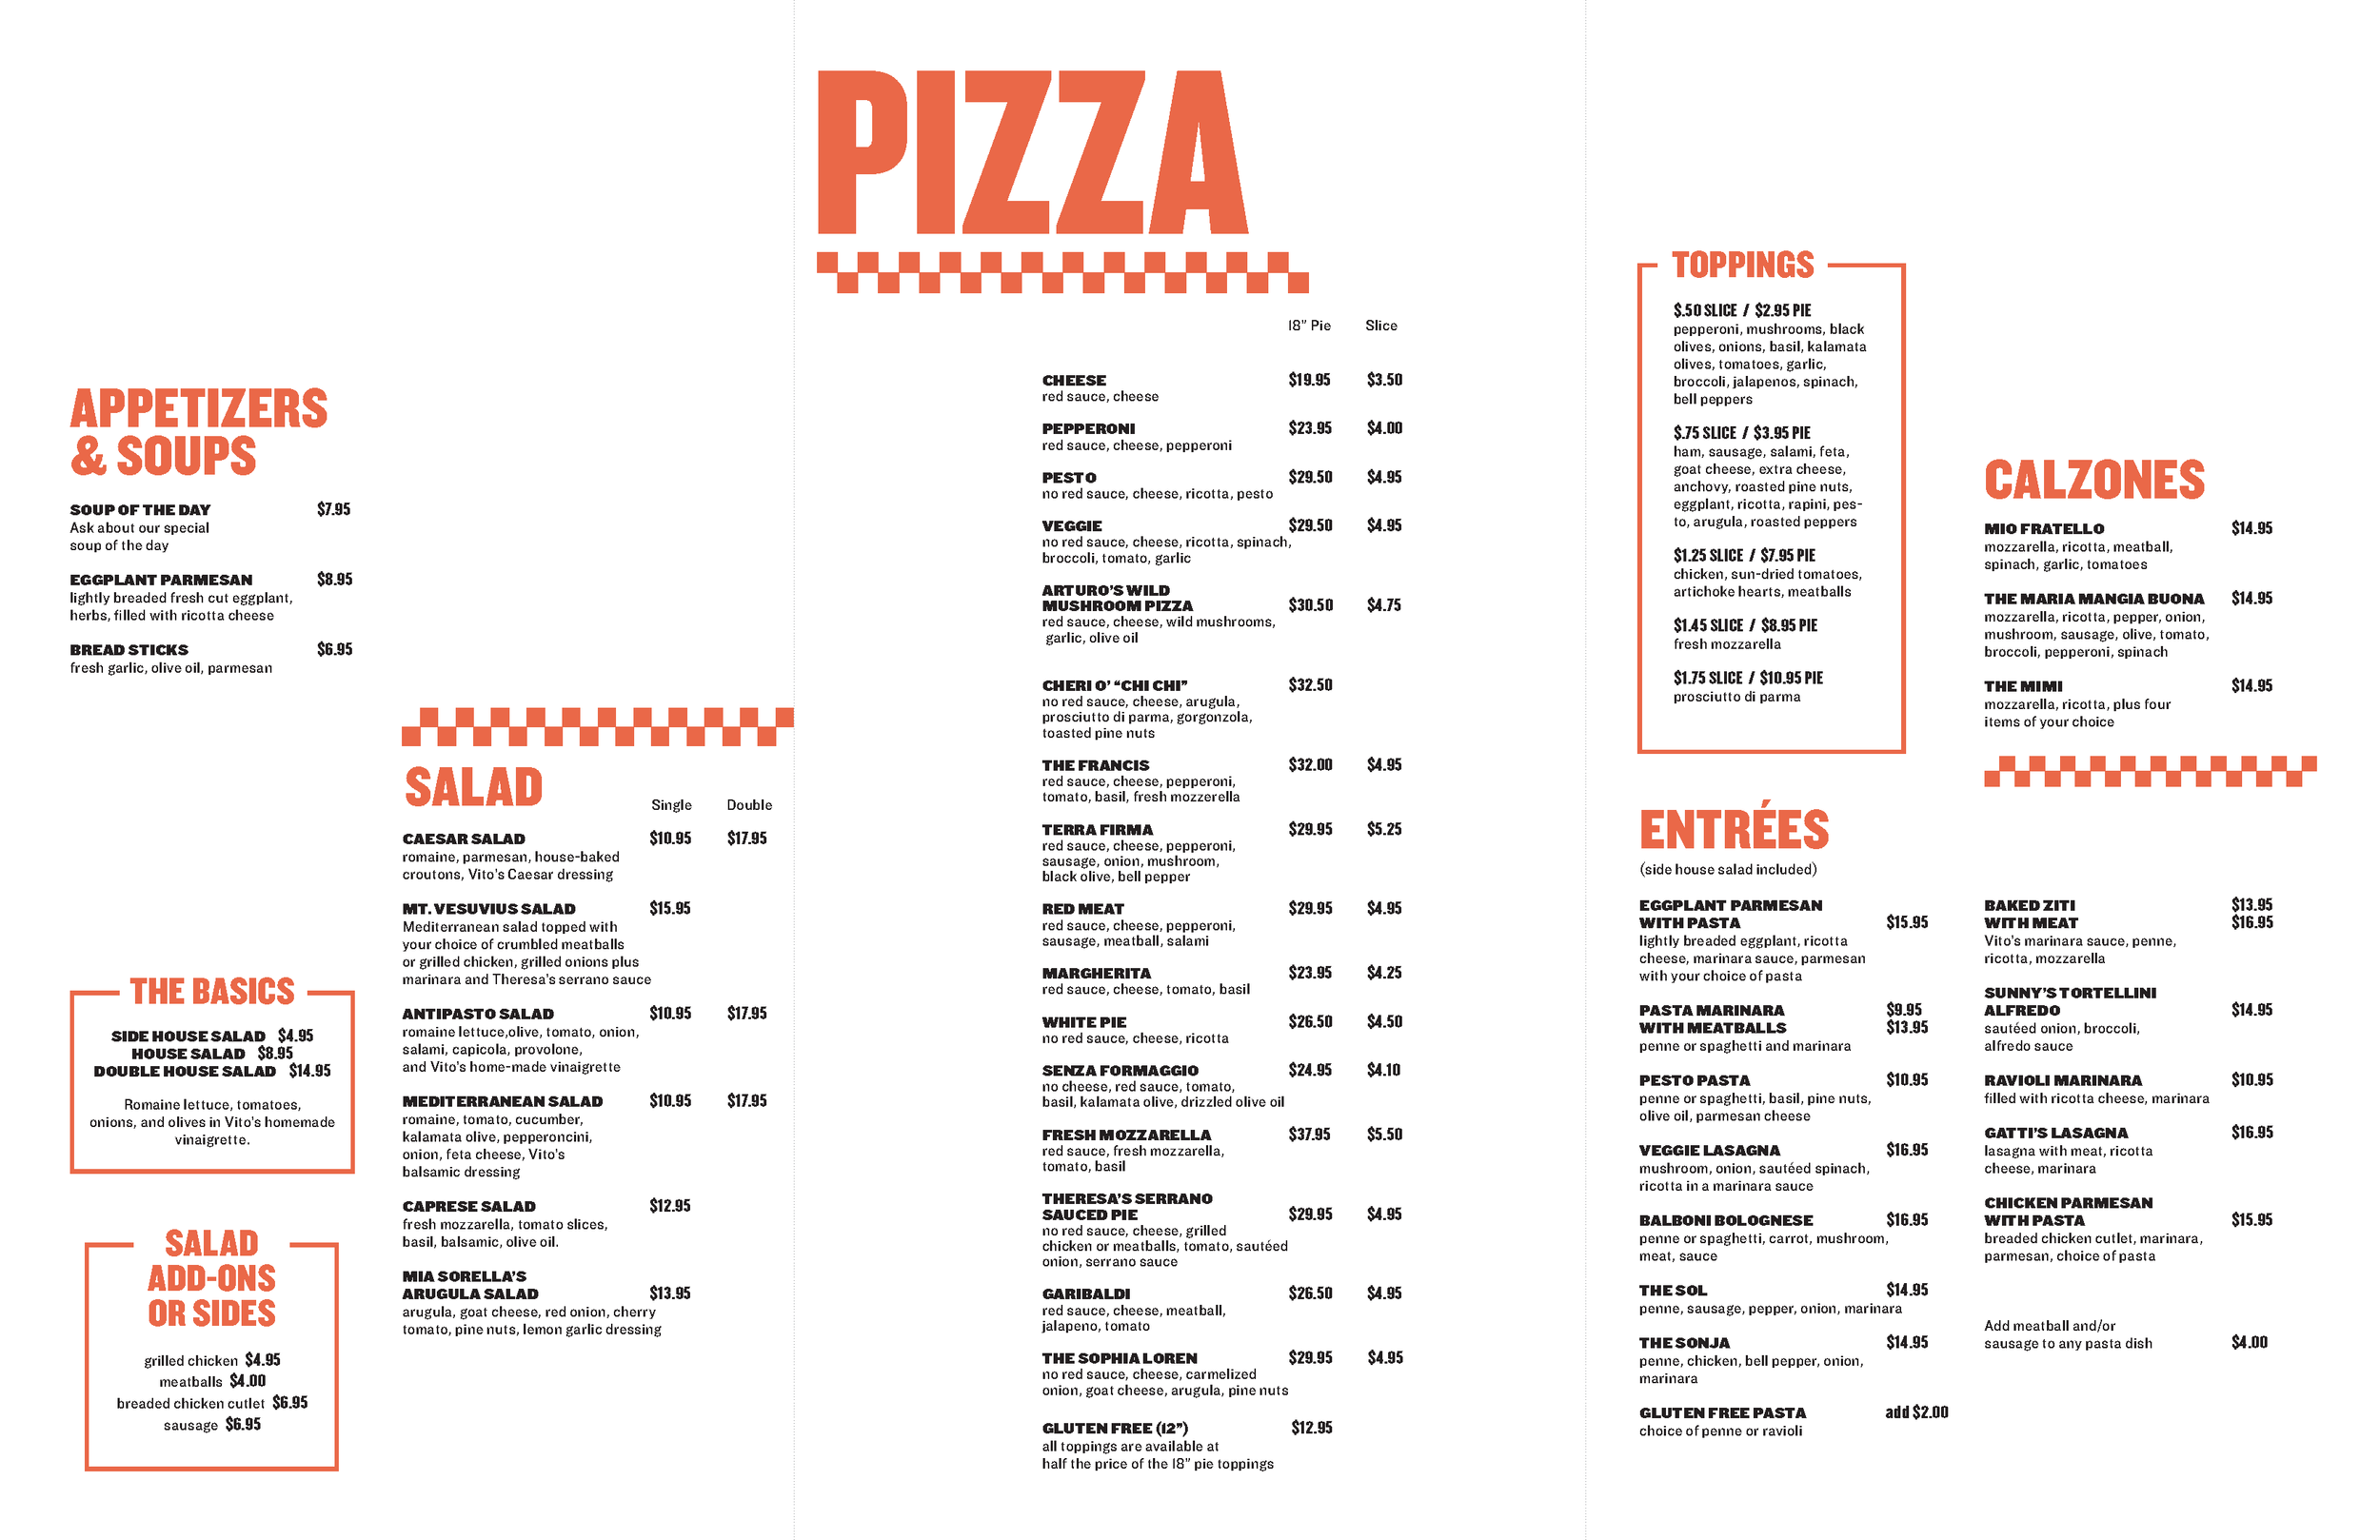 Vito's_WEHO_Pizza_Menu__Page_2.png